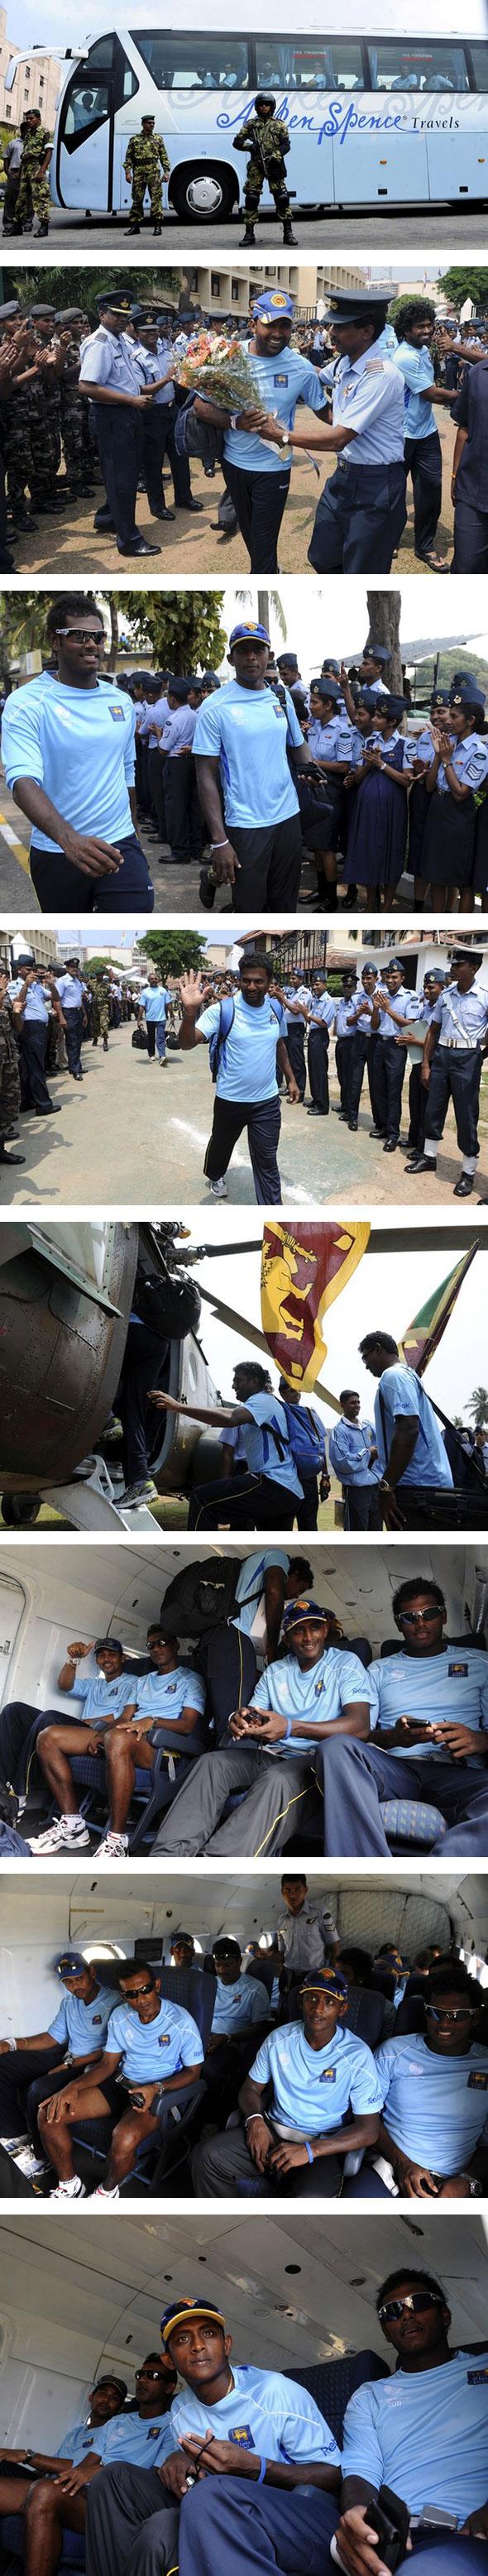 Sri Lanka depart for World Cup opener in Hambantota in helicopter